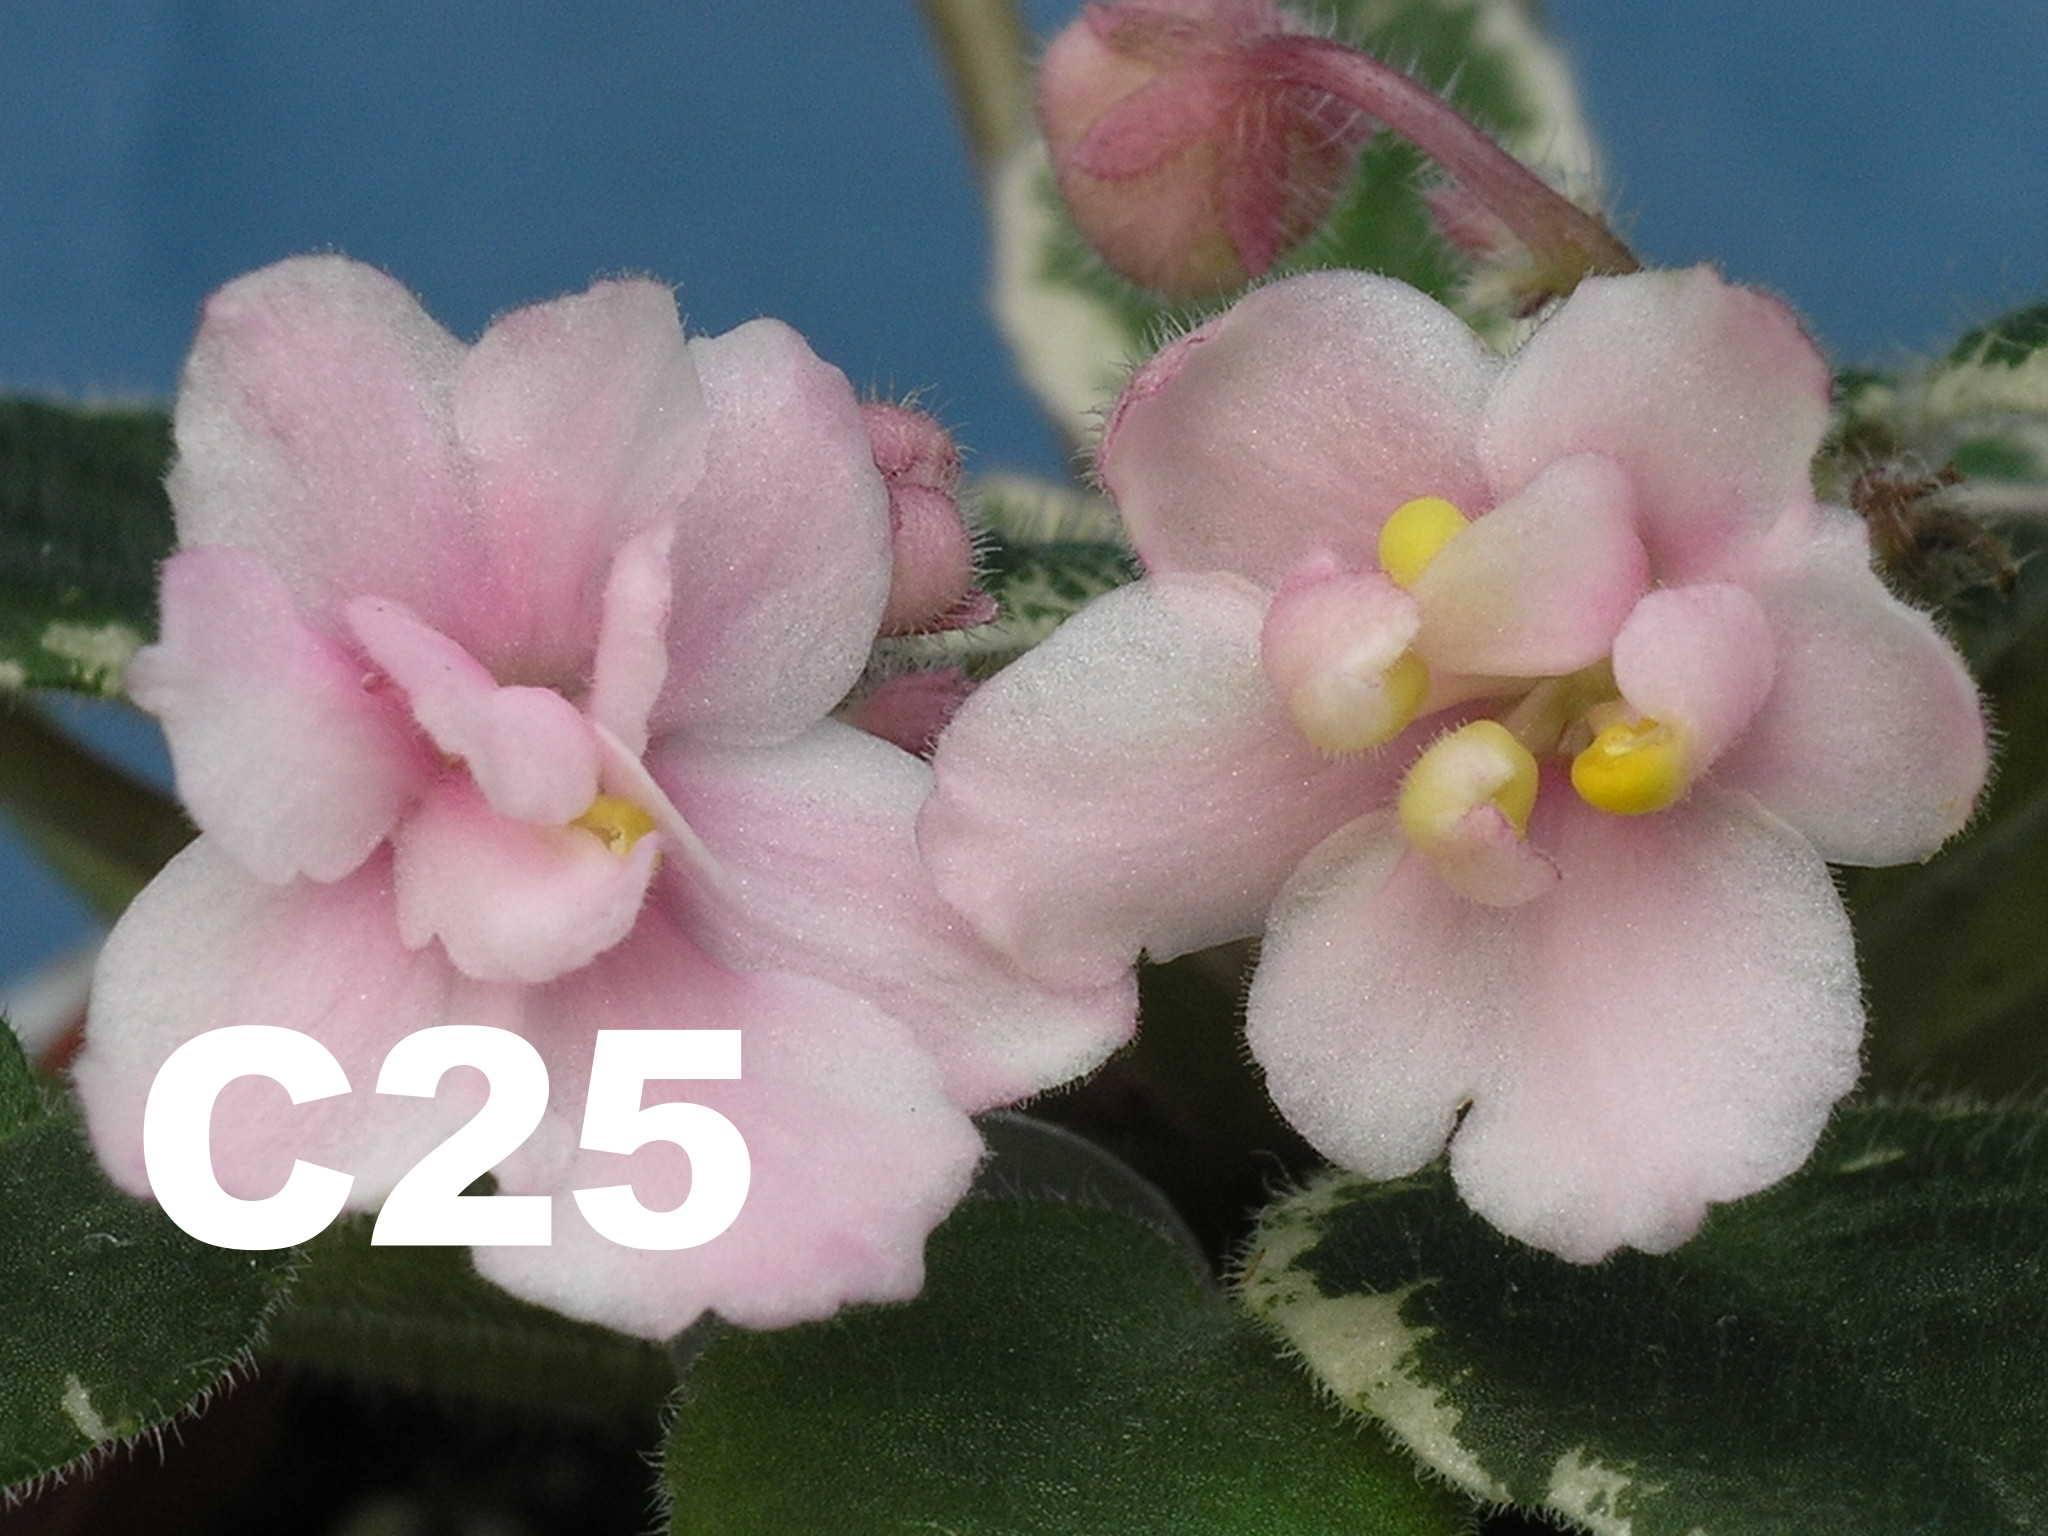 [C25] C25